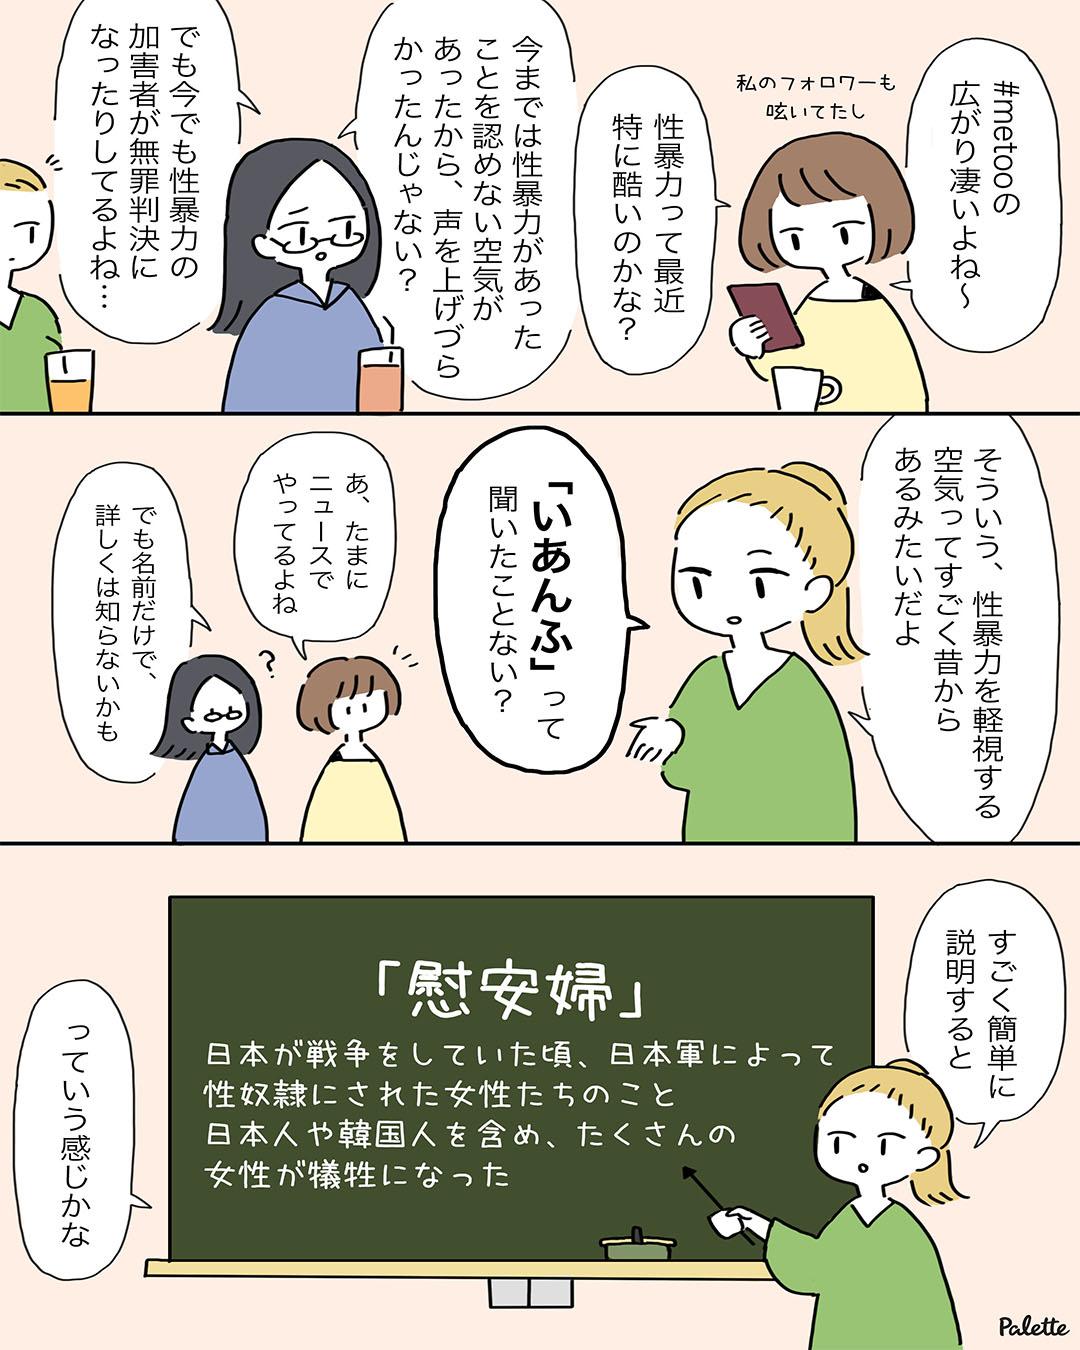 慰安婦01_インスタ.jpg